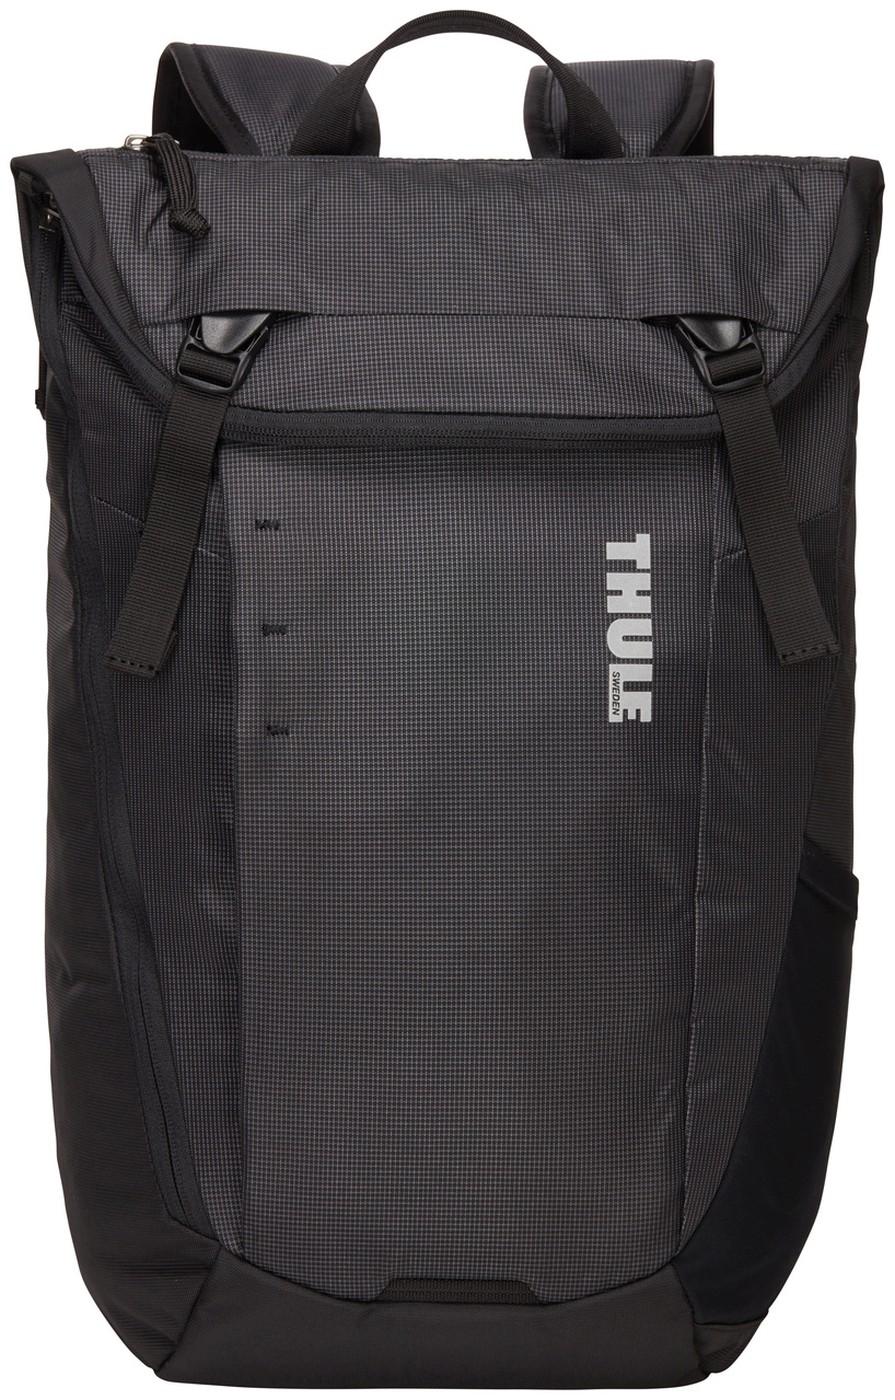 THULE EnRoute Backpack 20L - Black - Laptop Rucksäcke